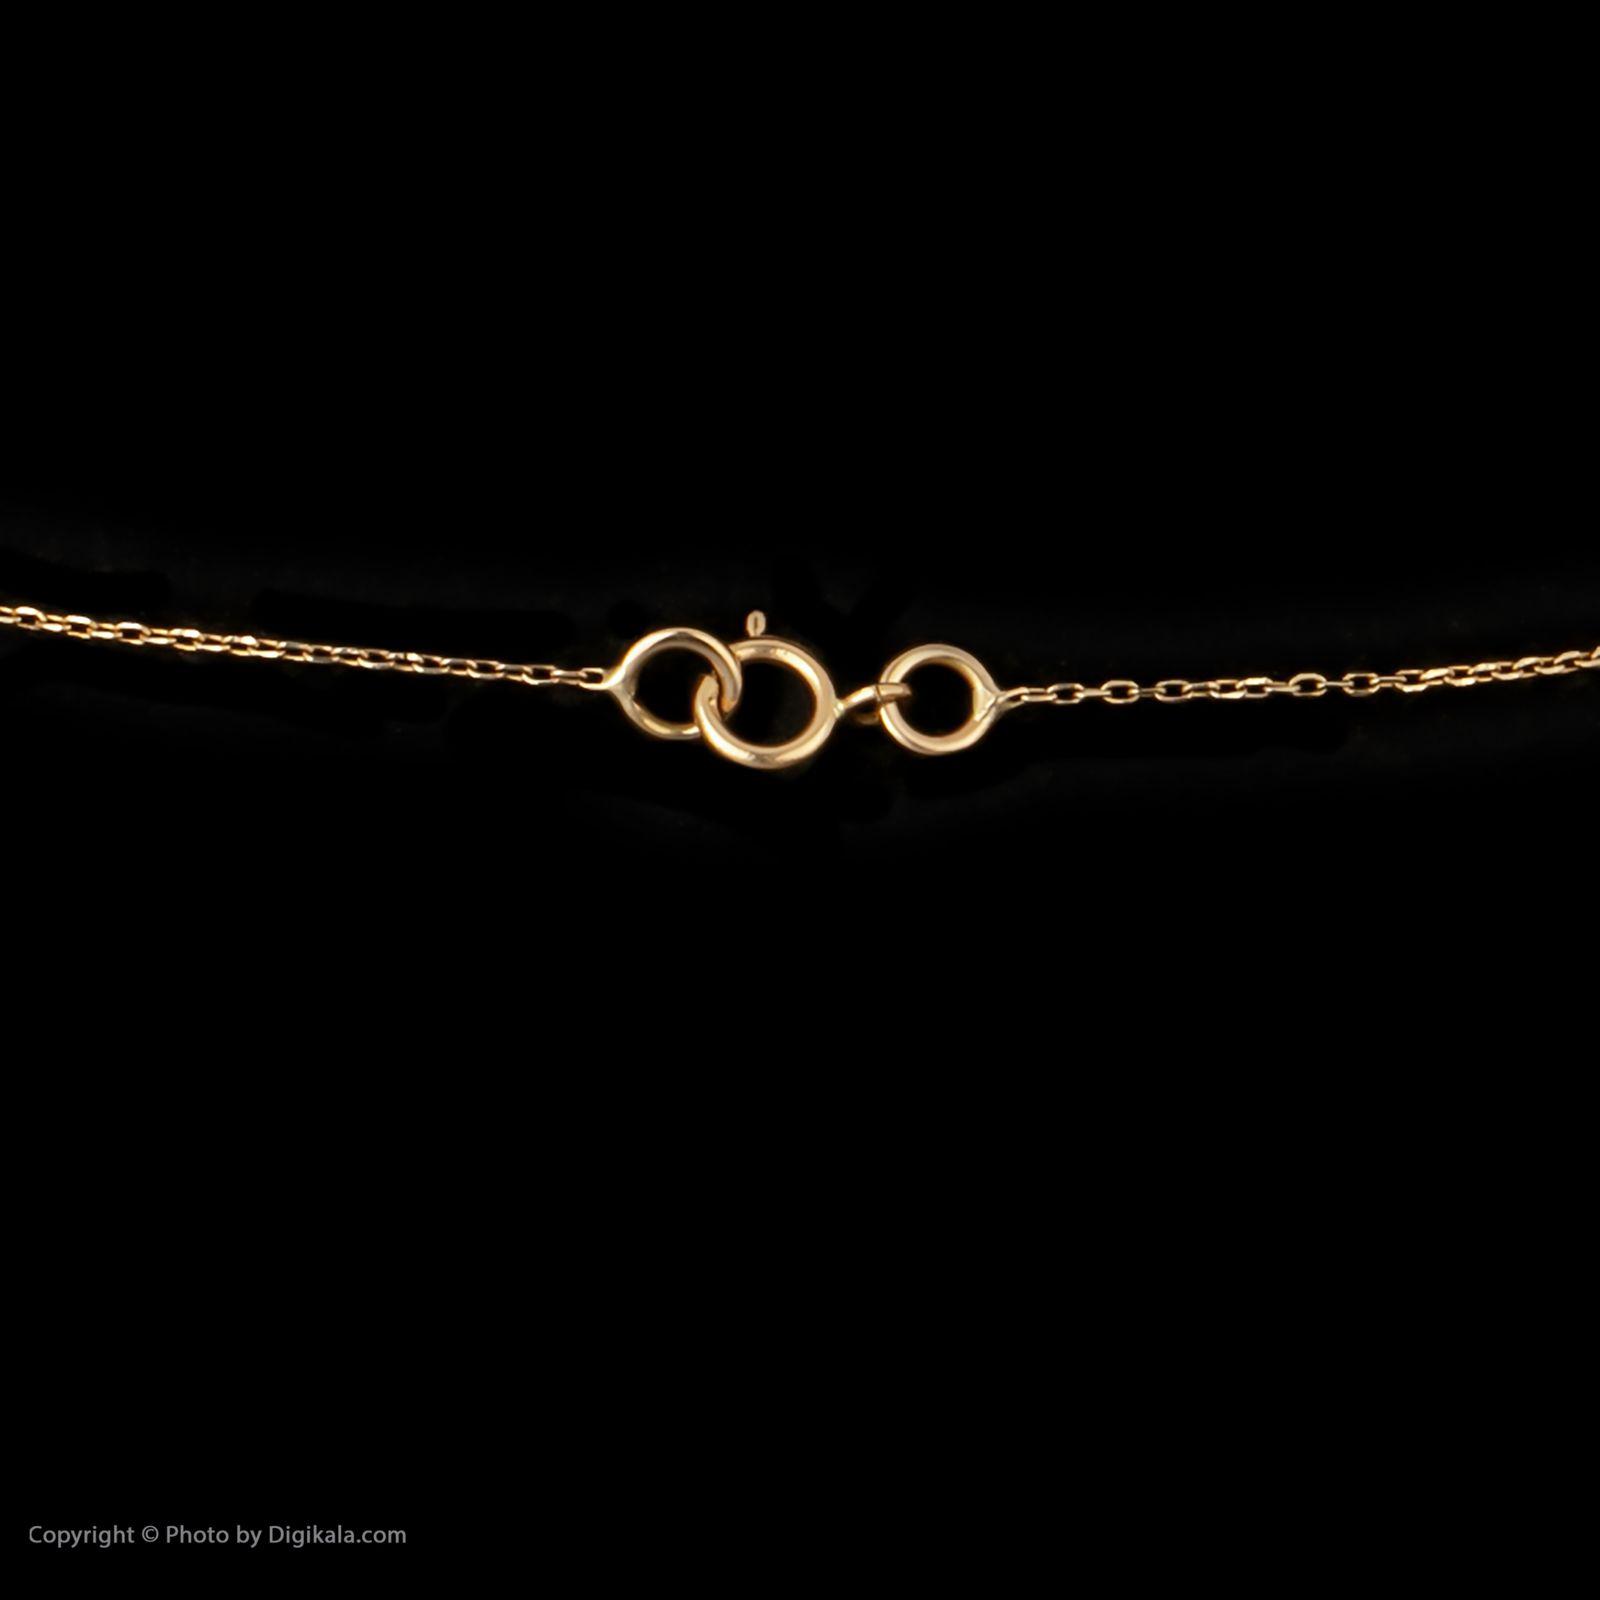 گردنبند طلا 18 عیار زنانه سنجاق مدل X074732 -  - 5